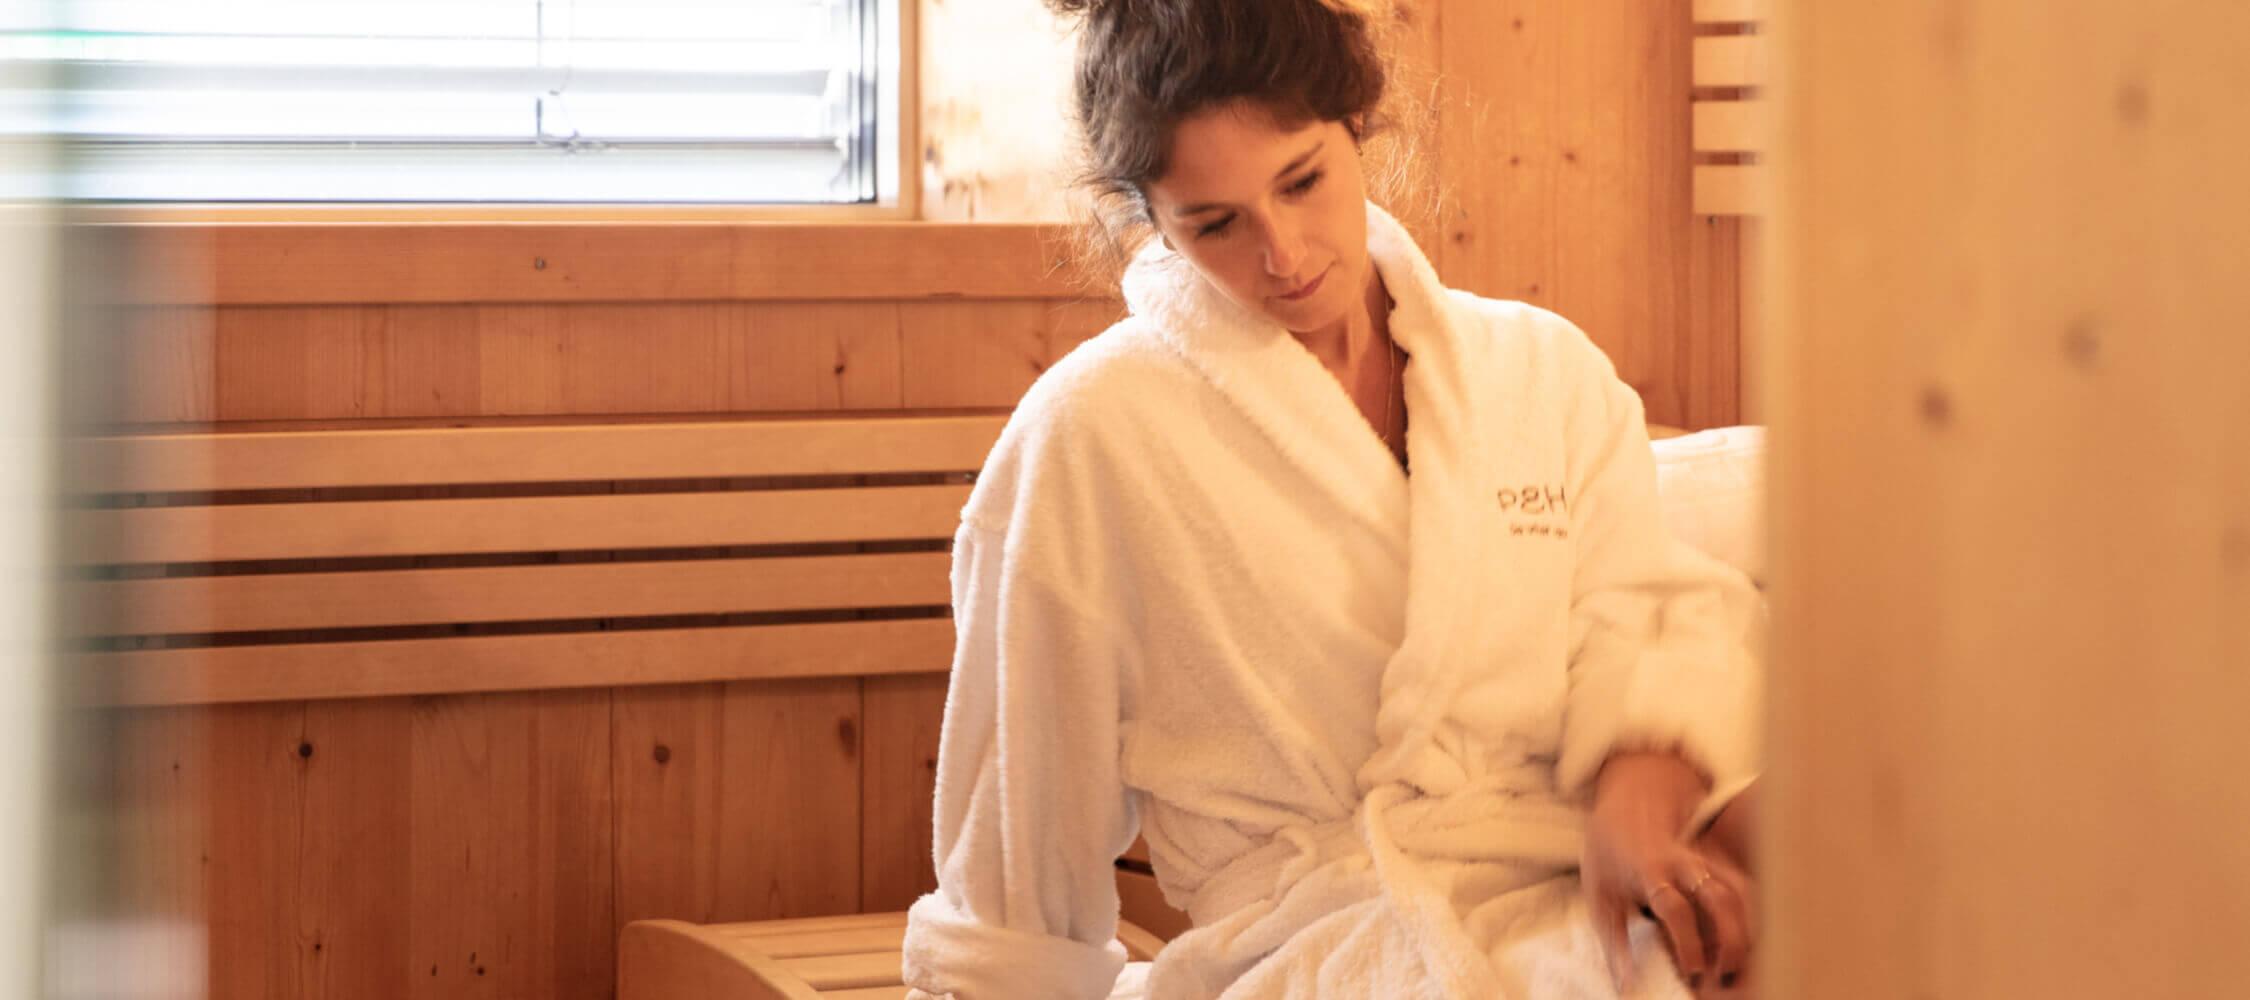 City_Hotel_Merano_Spa_Sauna_BetricePilotto_3T1A2033_2250x1000